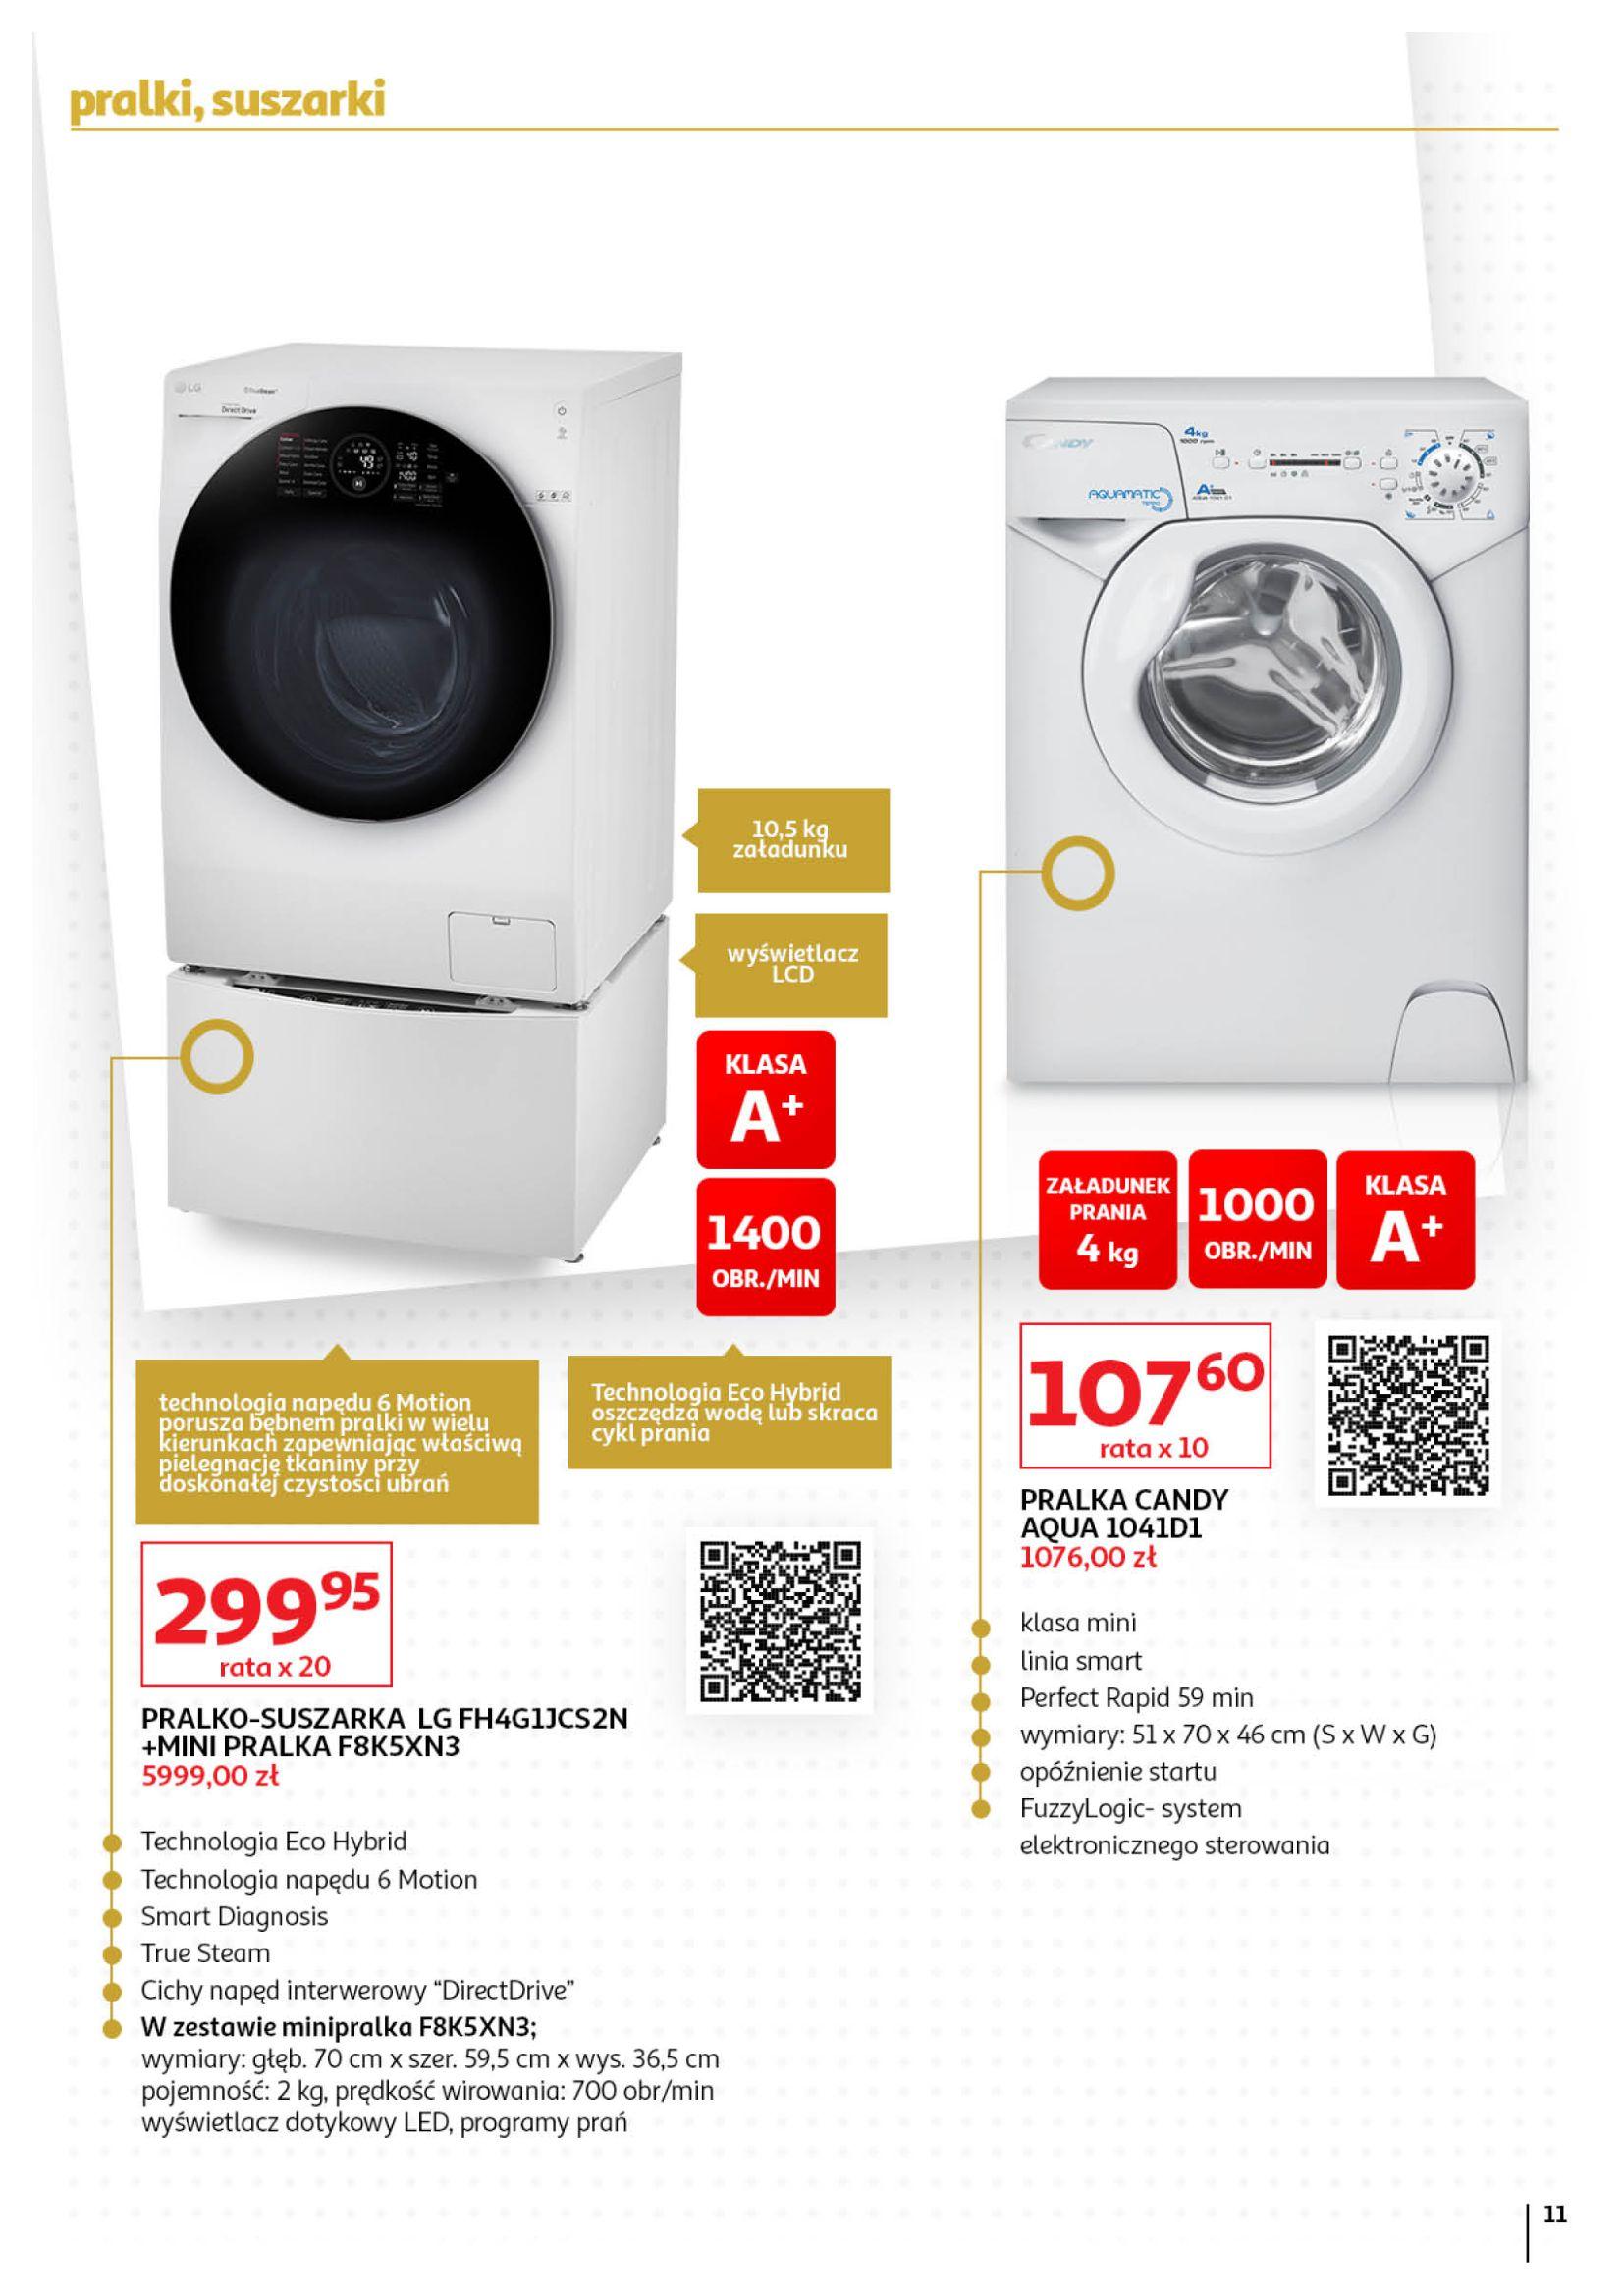 Gazetka Auchan - Oferta Auchan Premium Hipermarkety-01.11.2019-27.11.2019-page-11